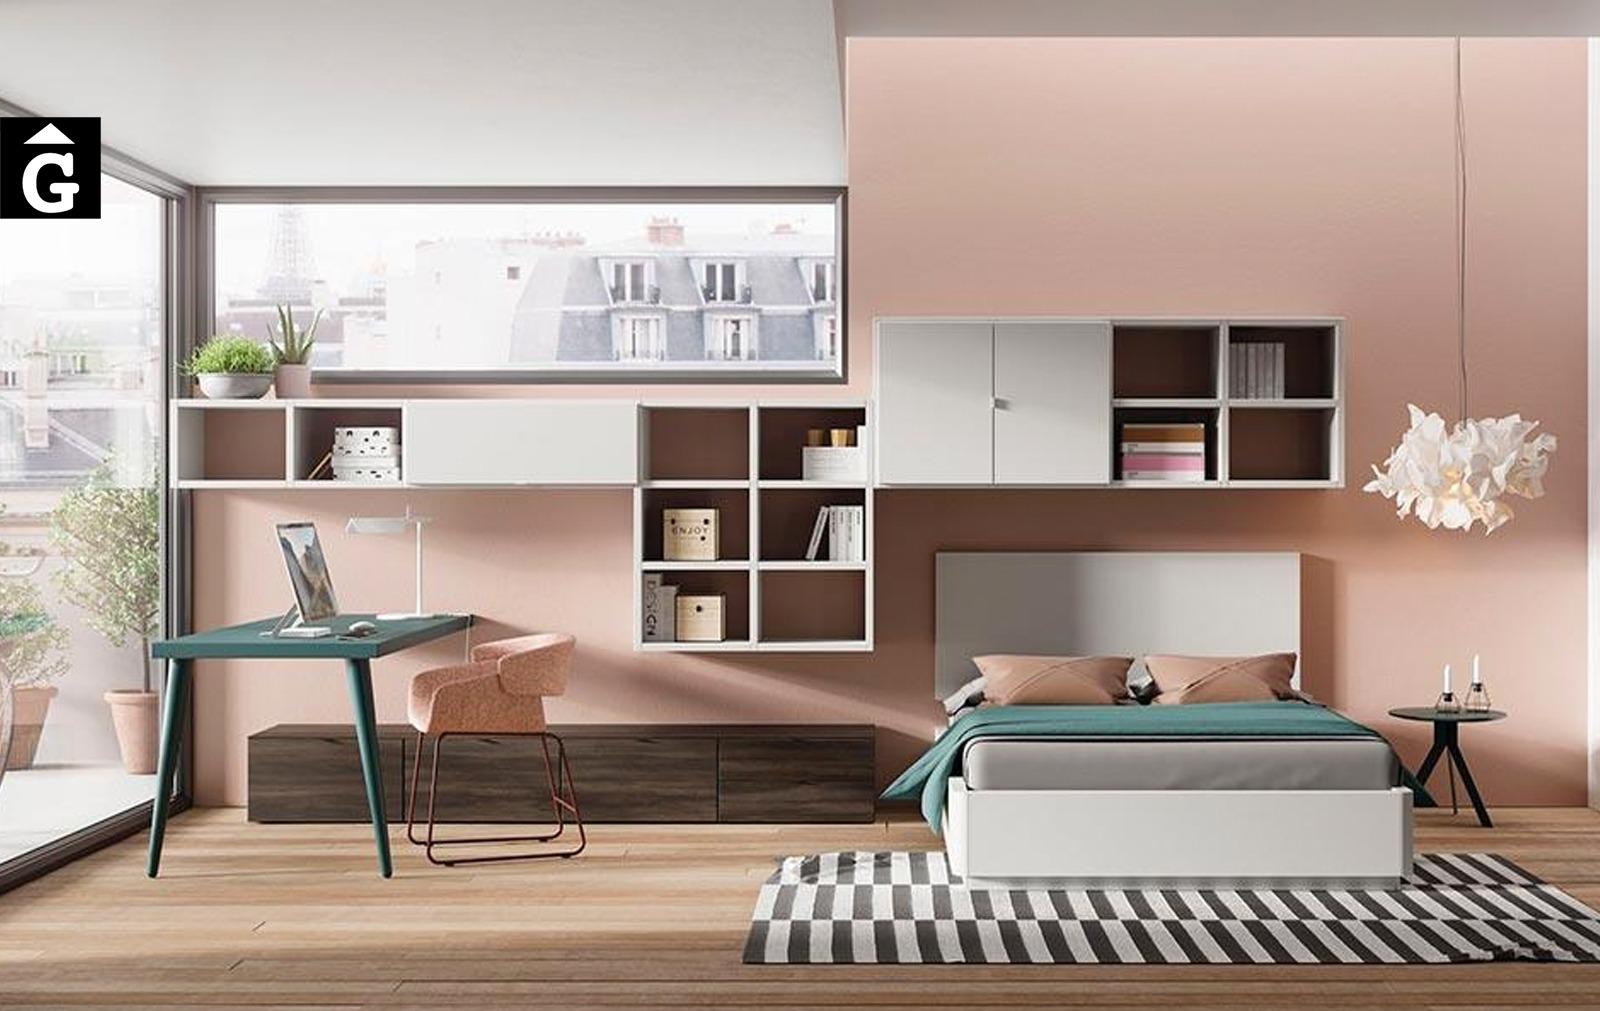 Habitació joves Airbox   lagrama   mobles Gifreu